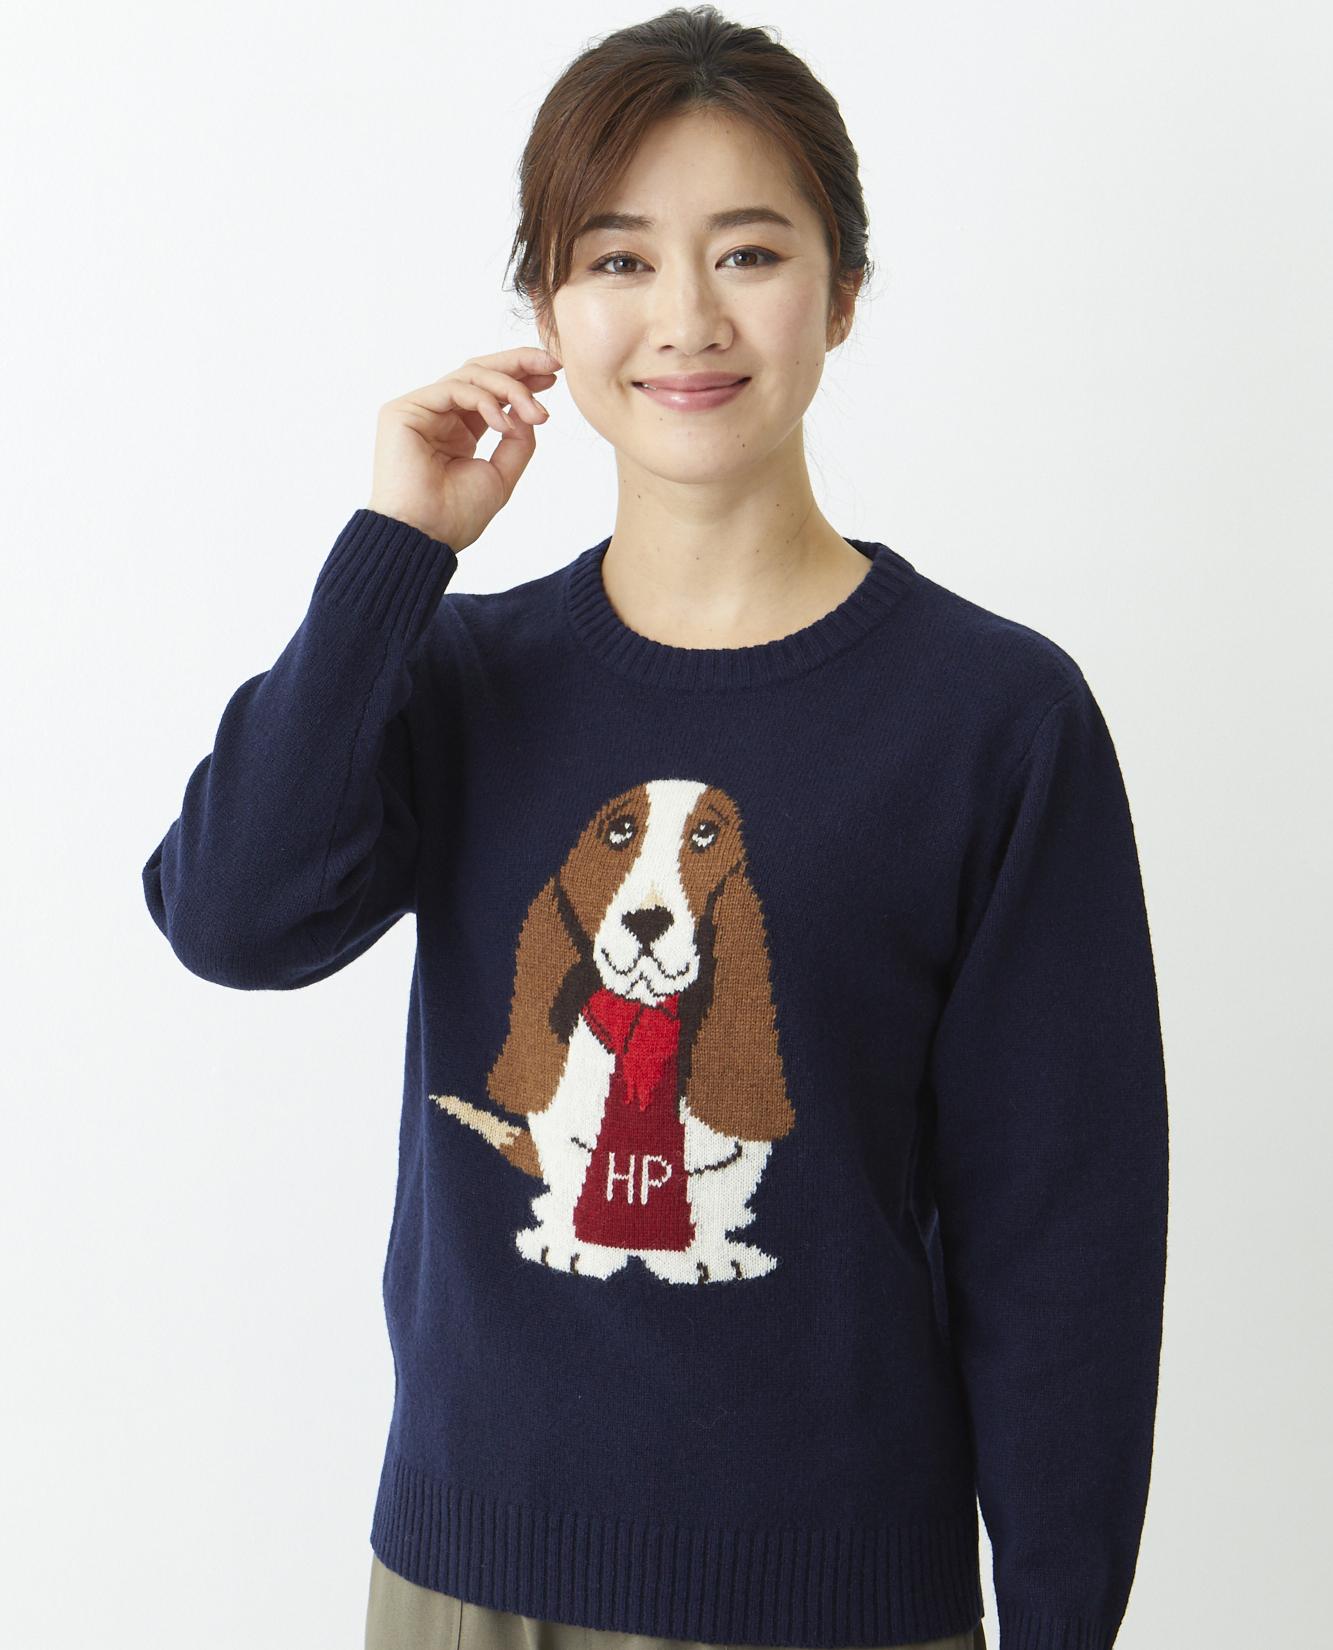 ラム犬JQクルーセーター商品画像